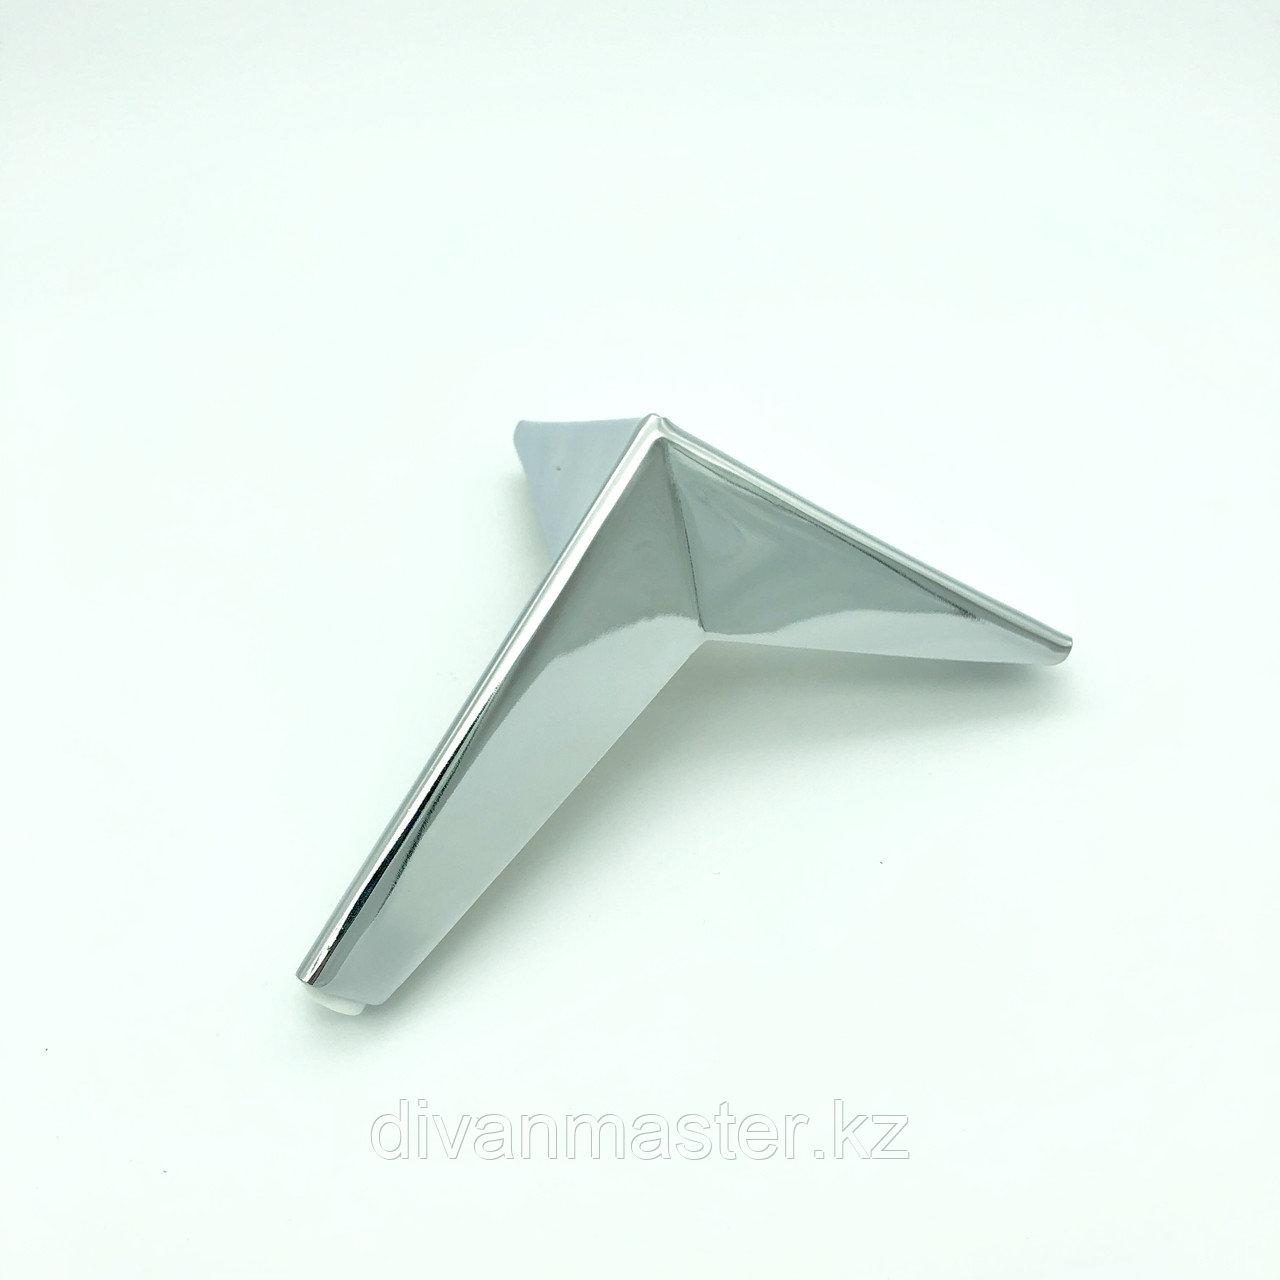 Ножка стальная с наклоном, для диванов и кресел, хром 17 см